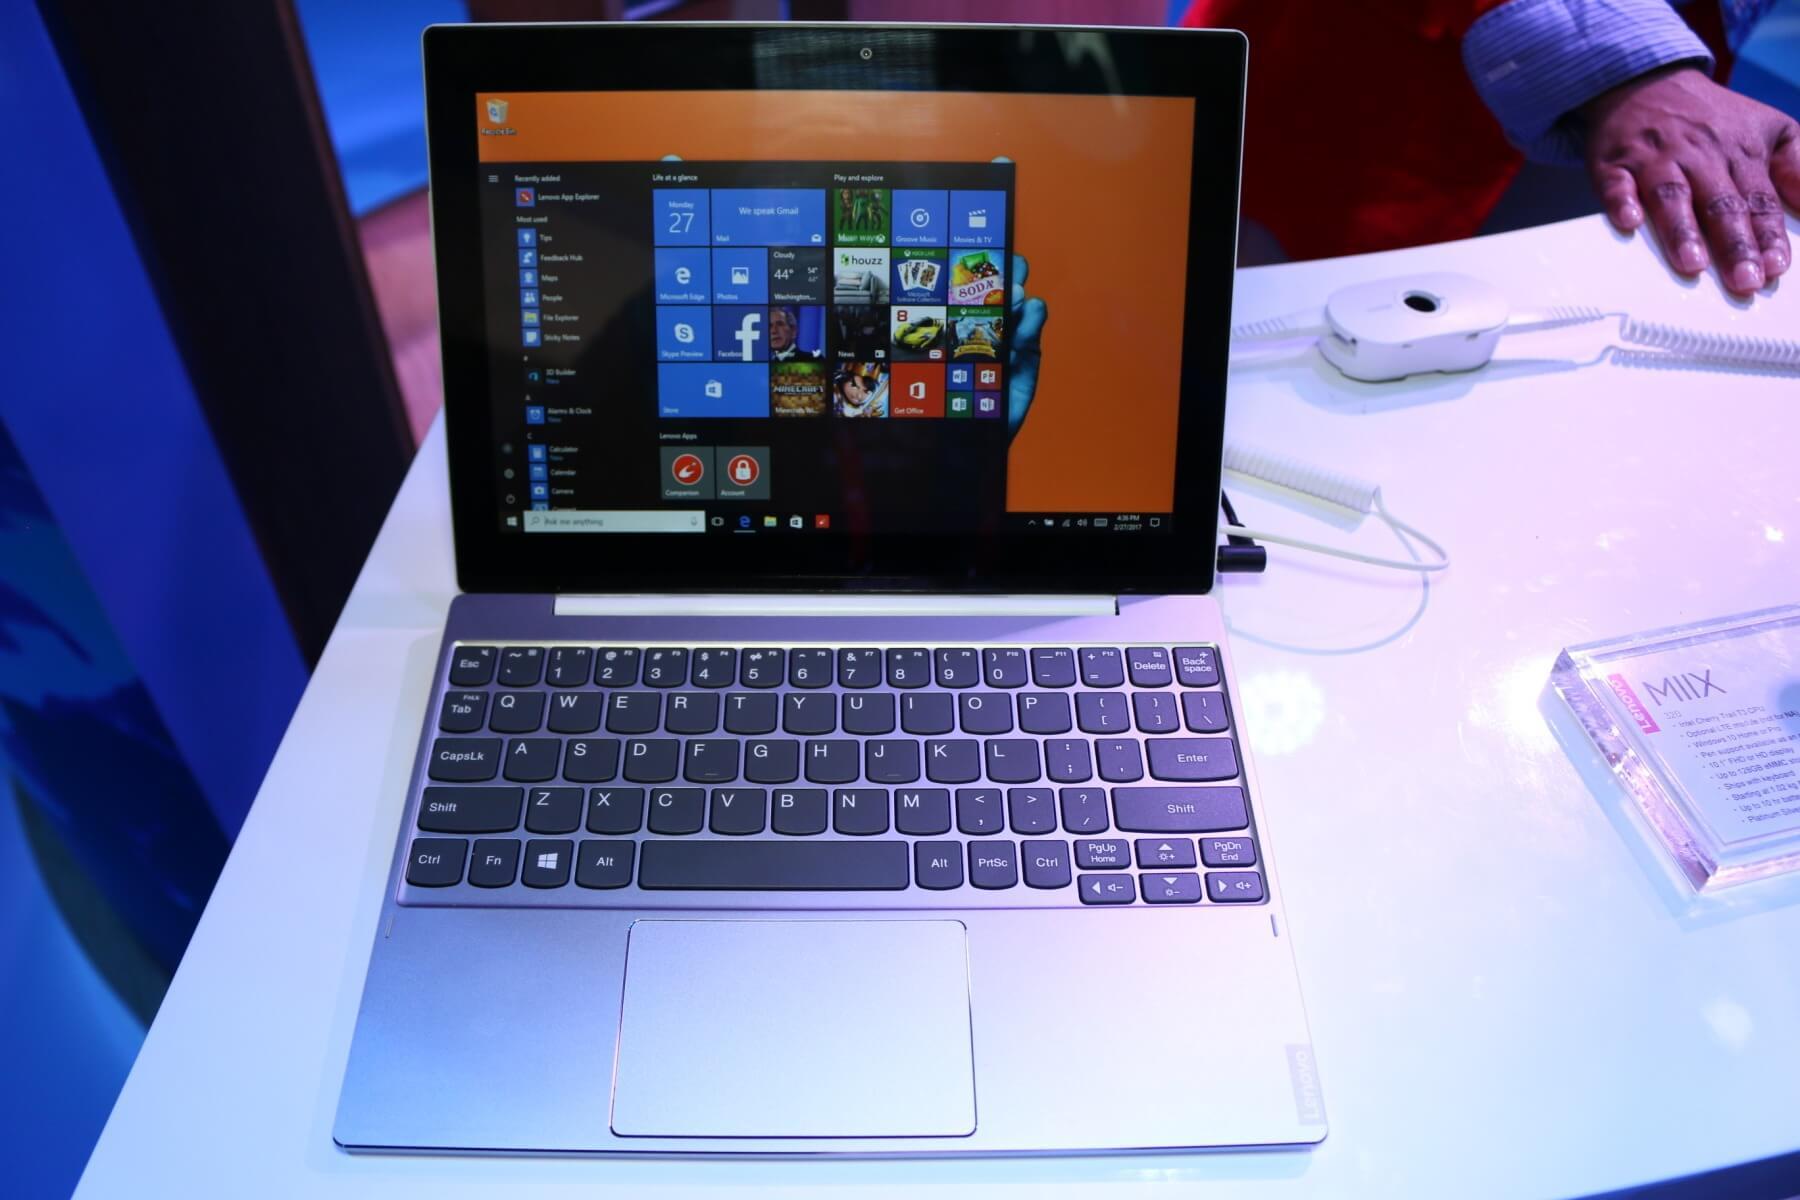 Lenovo Miix 320: Günstiges 2-in-1 Windows Tablet mit LTE